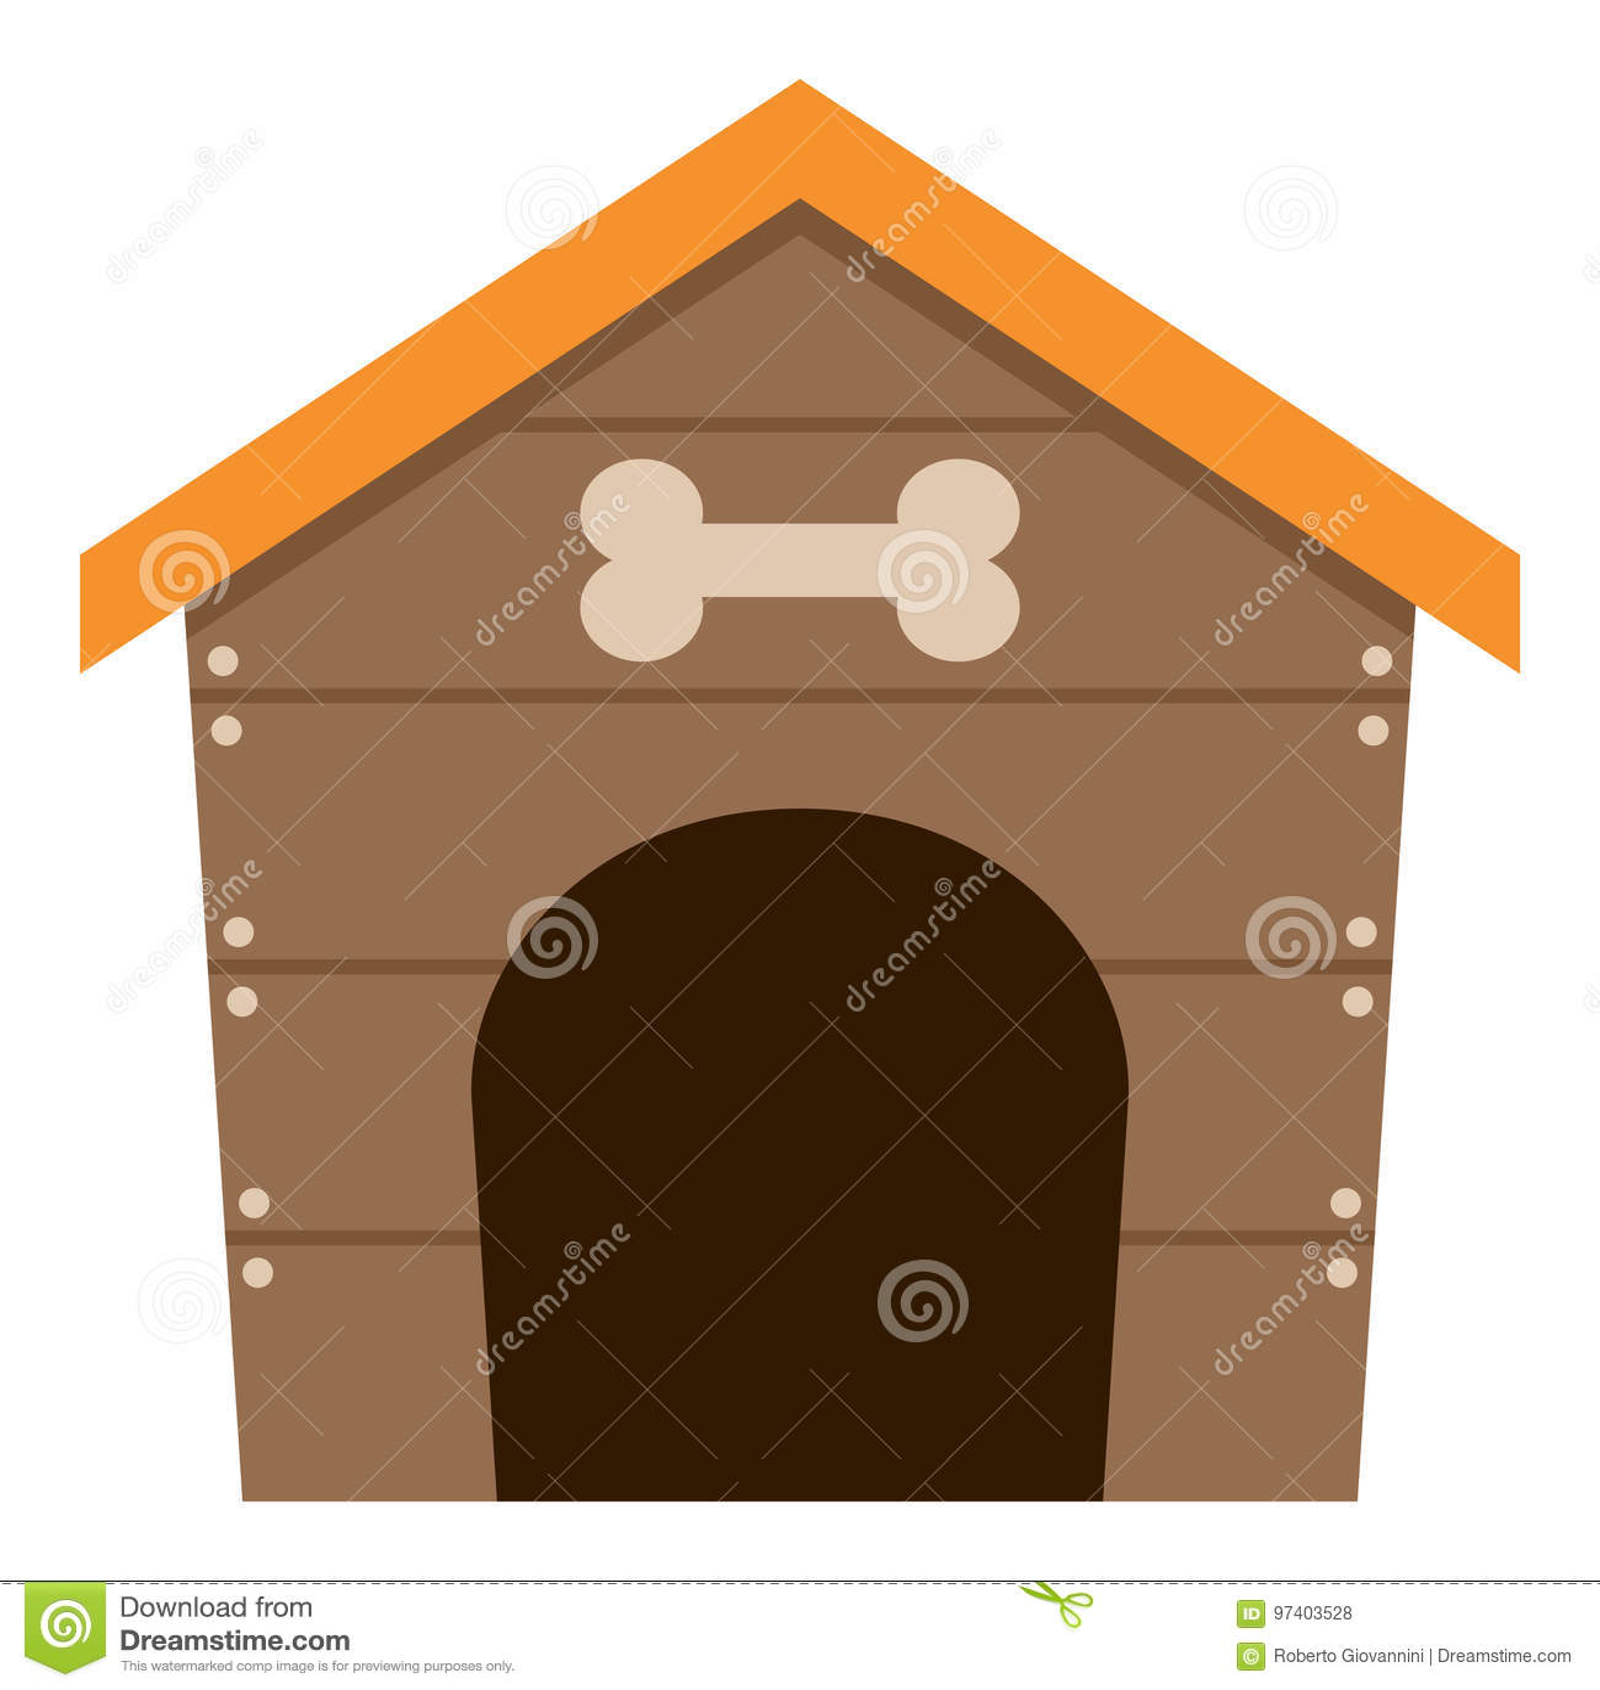 Pet Dog House Flat Icon Isolated on White